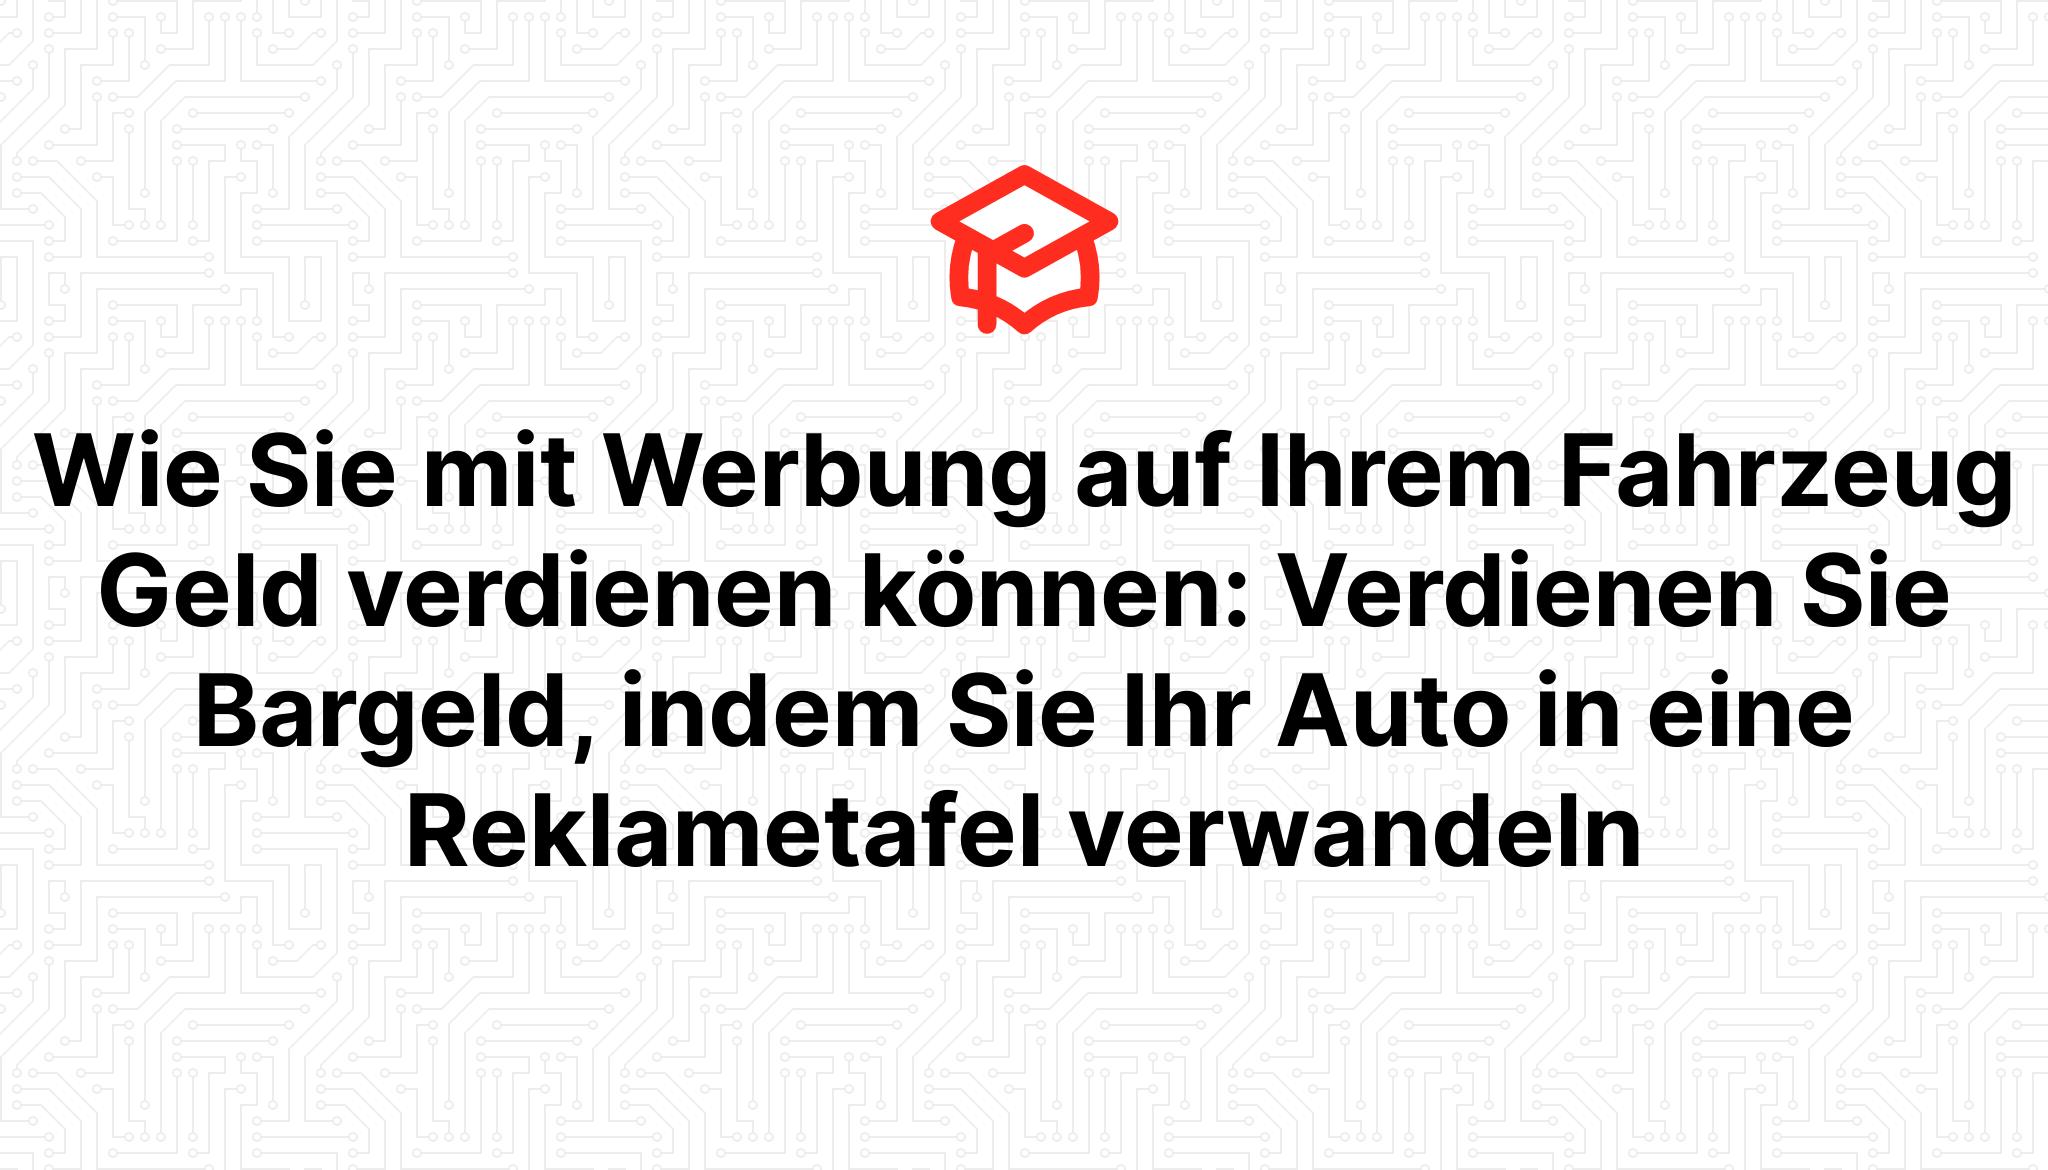 Wie Sie mit Werbung auf Ihrem Fahrzeug Geld verdienen können: Verdienen Sie Bargeld, indem Sie Ihr Auto in eine Reklametafel verwandeln